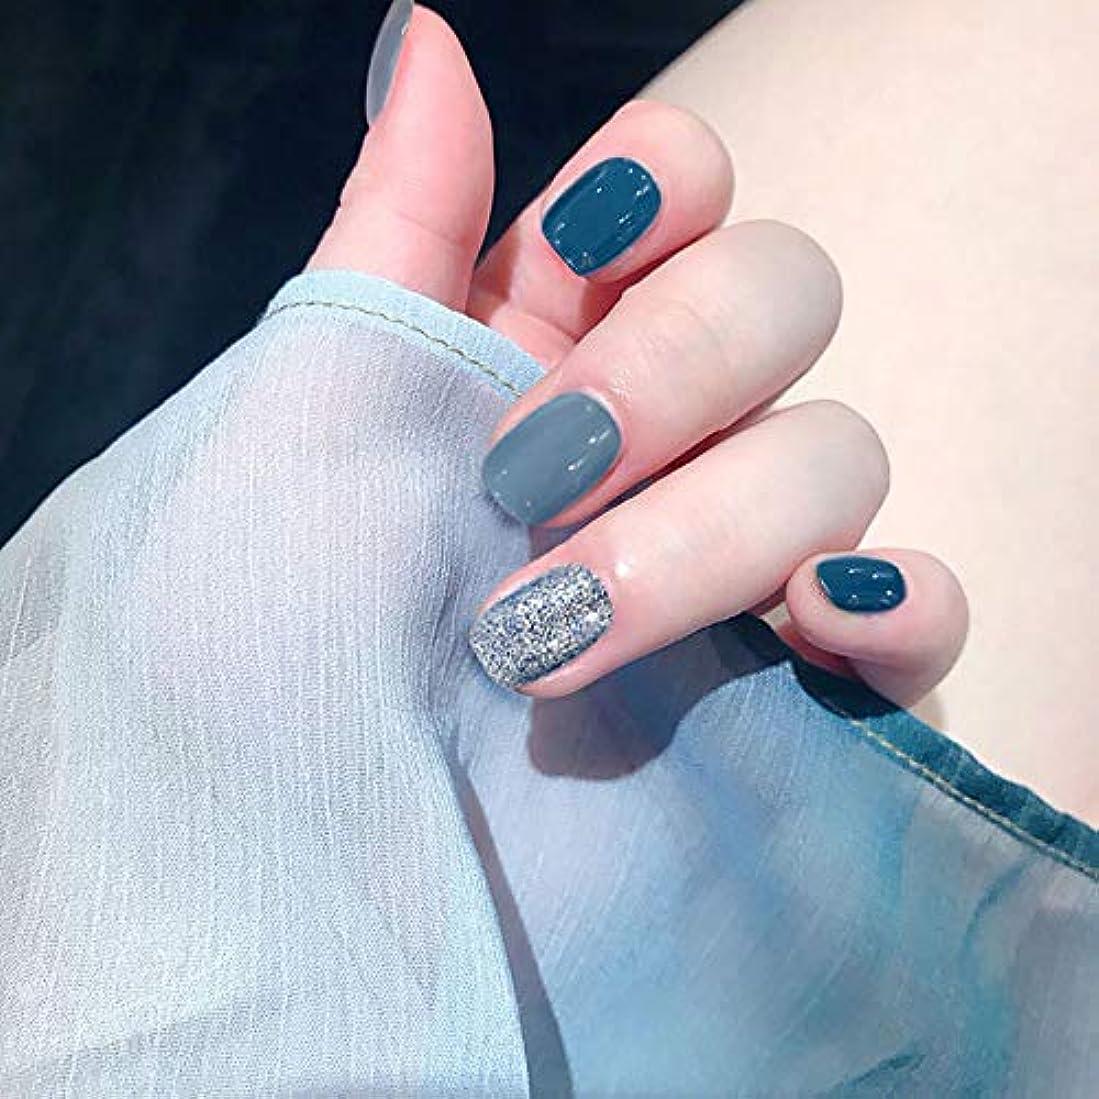 確認する流す相関するXUTXZKA ショートサイズフルカバーネイルのヒント女性ファッションフェイクネイルブルーカラーネイル